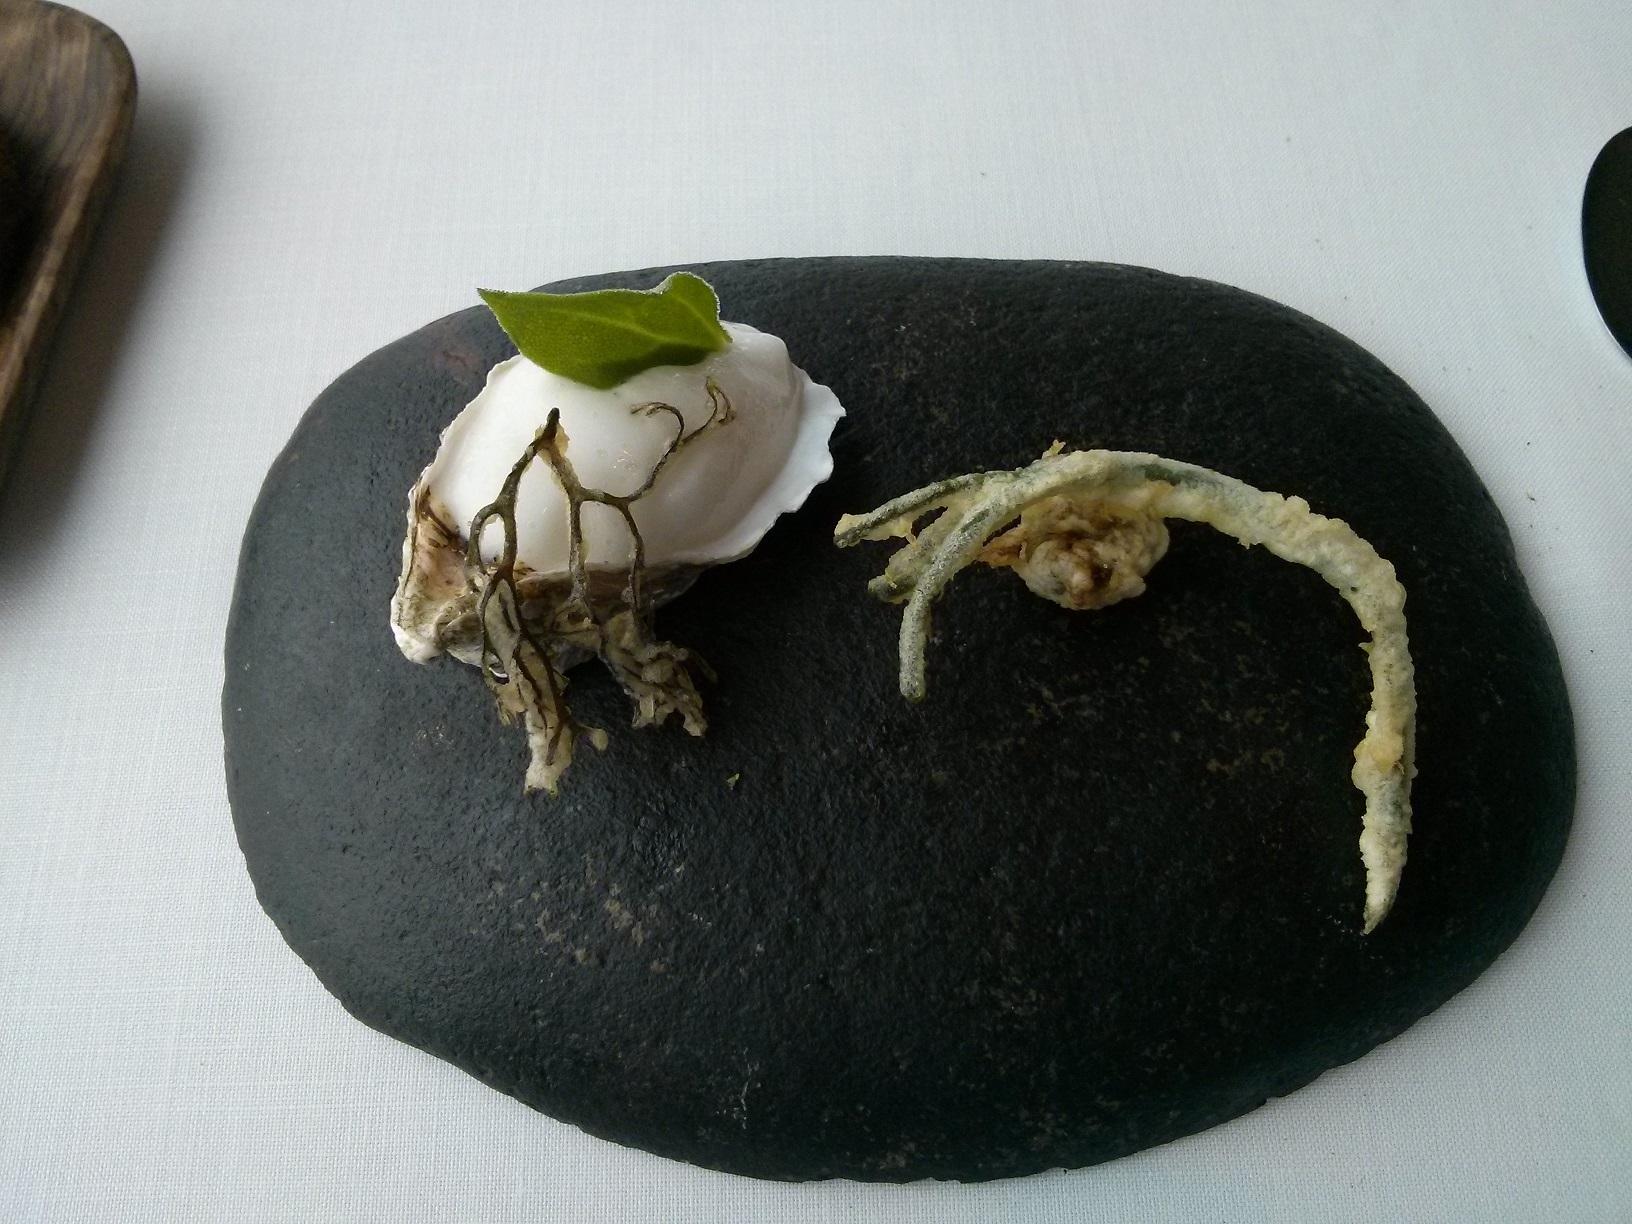 Restaurante en Larrabetzu Ostra al pil-pil vegetal y marino acompañado de ortiguillas